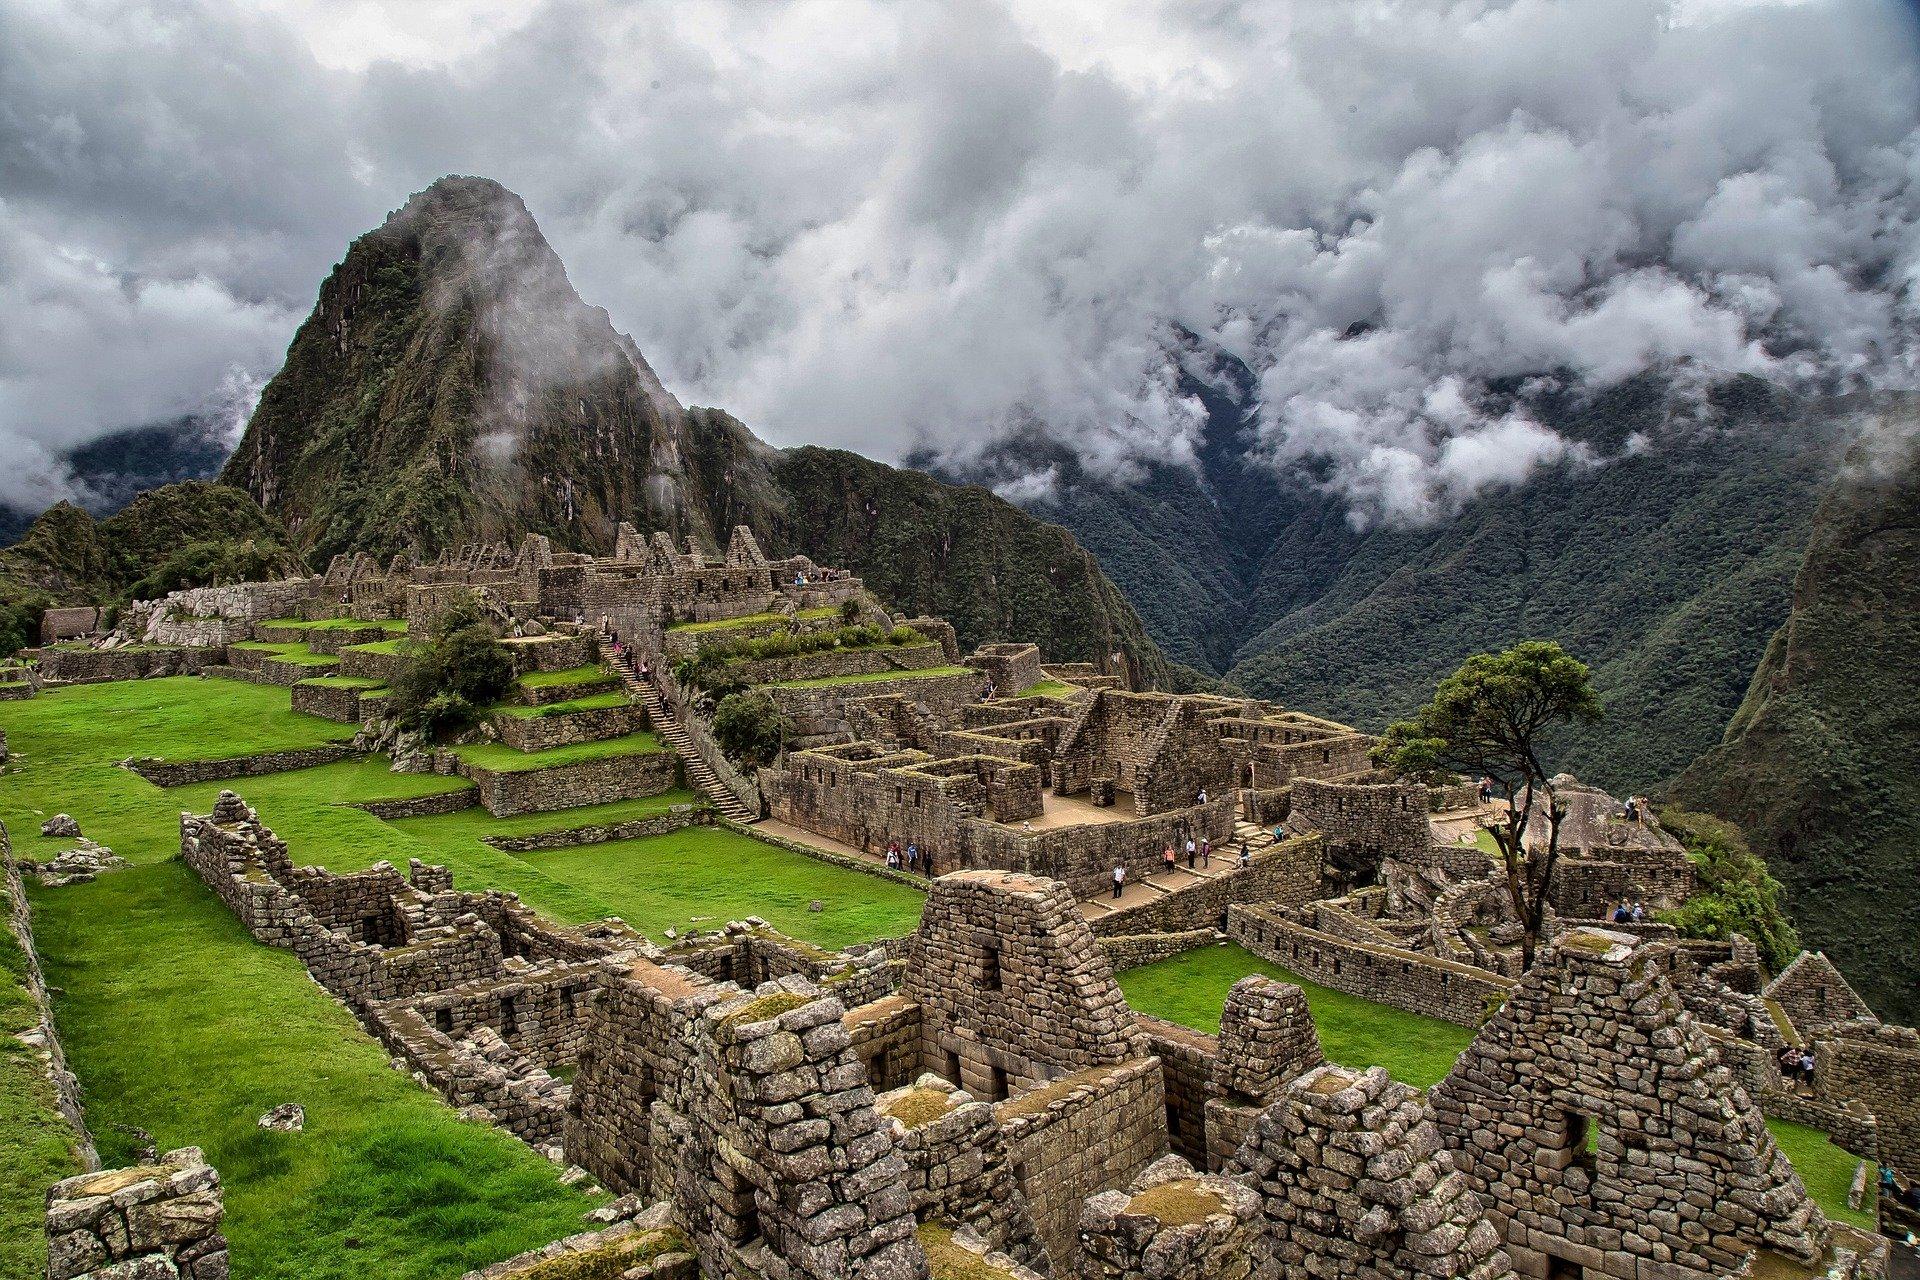 Machu Picchu turismo en peru